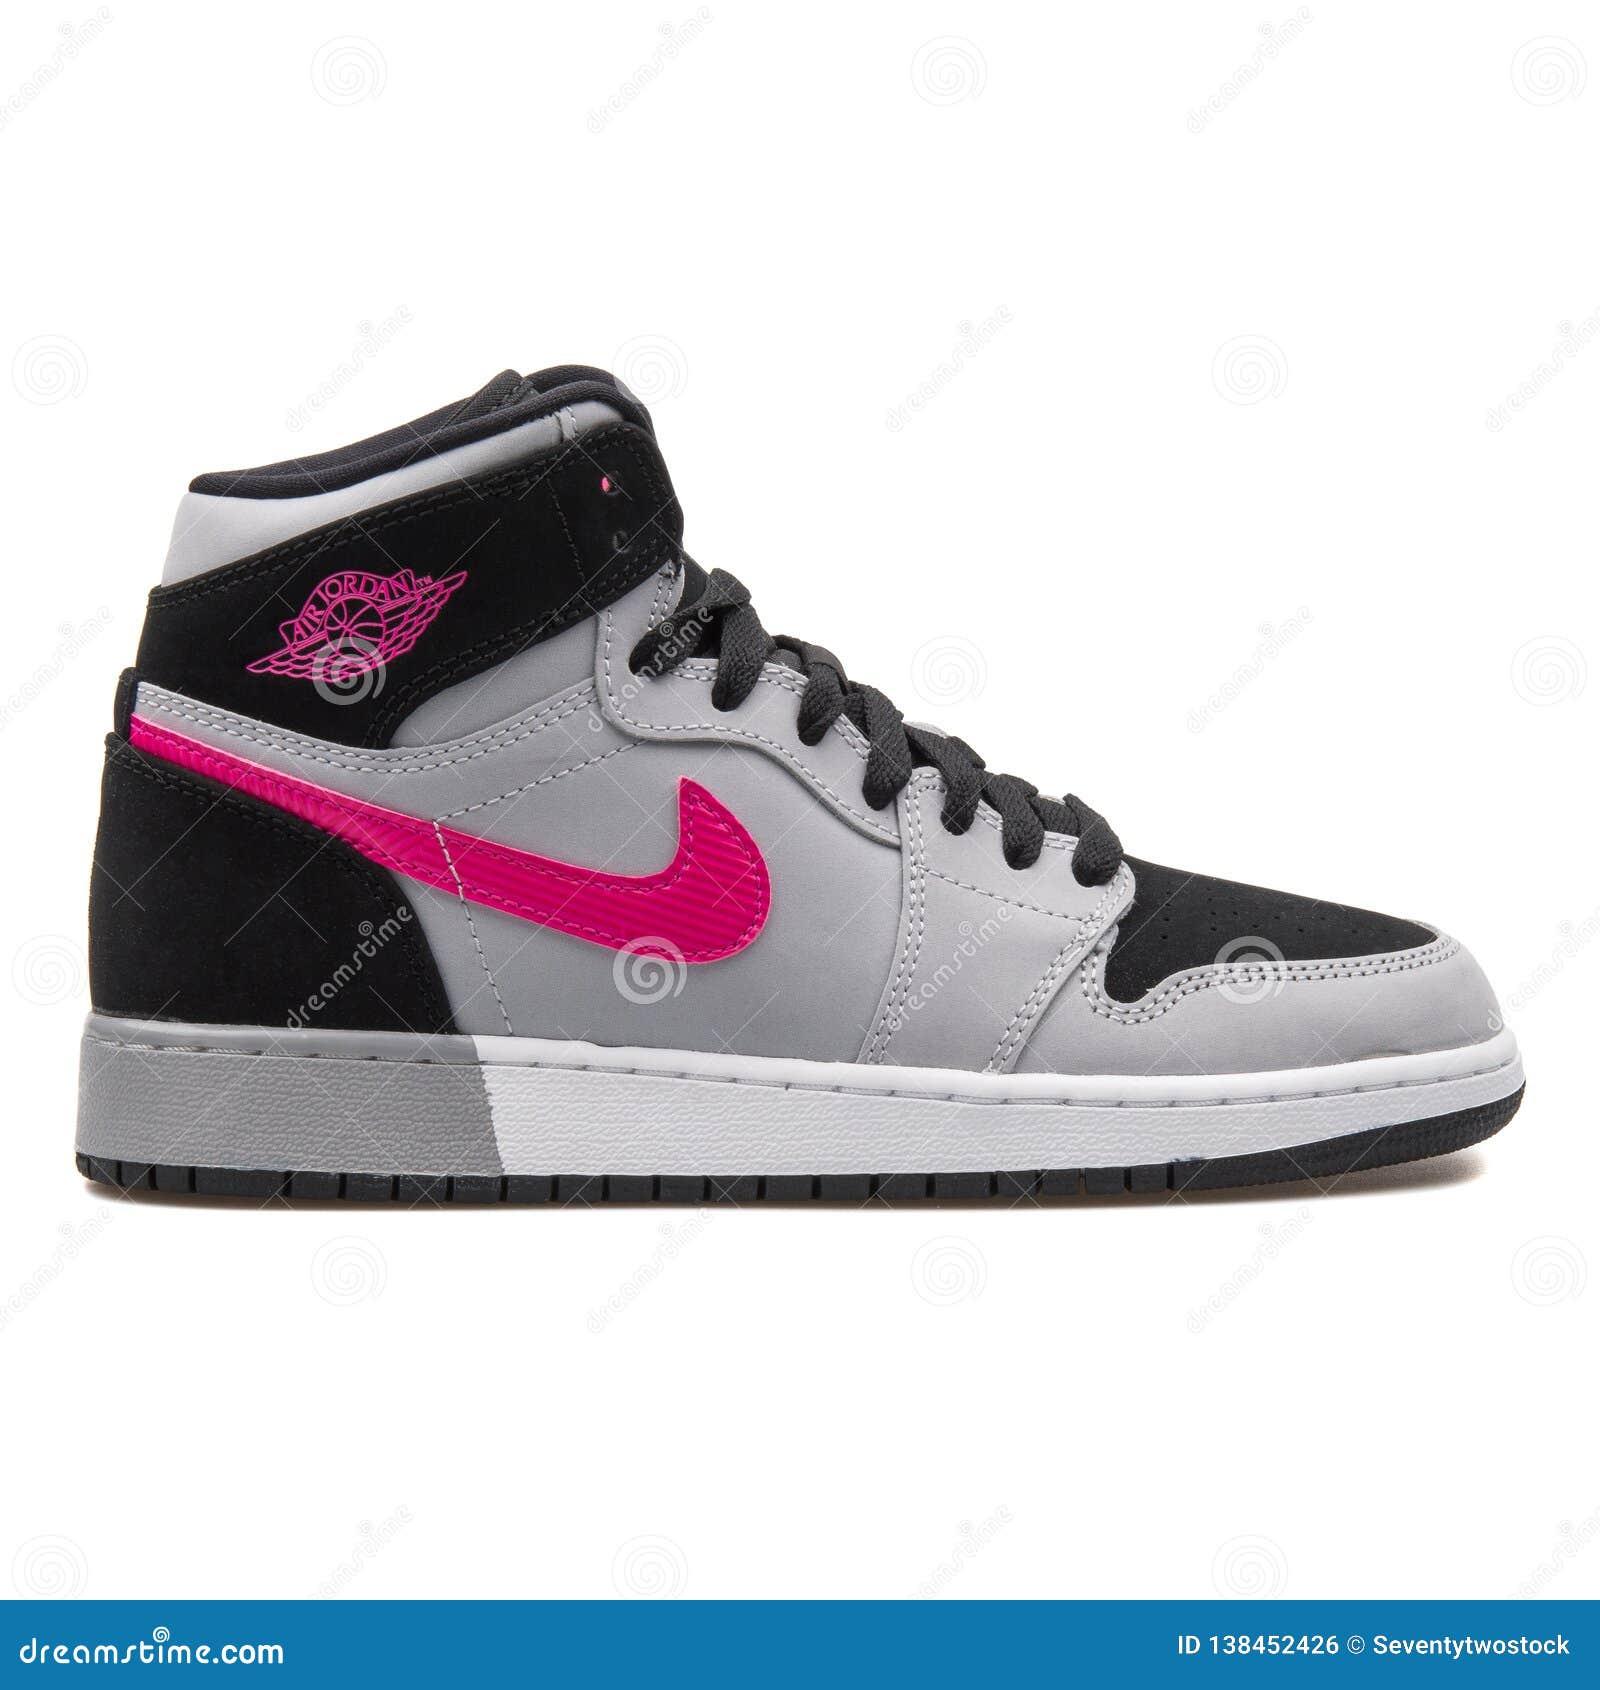 chaussures de sport d3678 3a41f Nike Air Jordan Espadrille Grise, Noire Et Rose De 1 Rétro ...